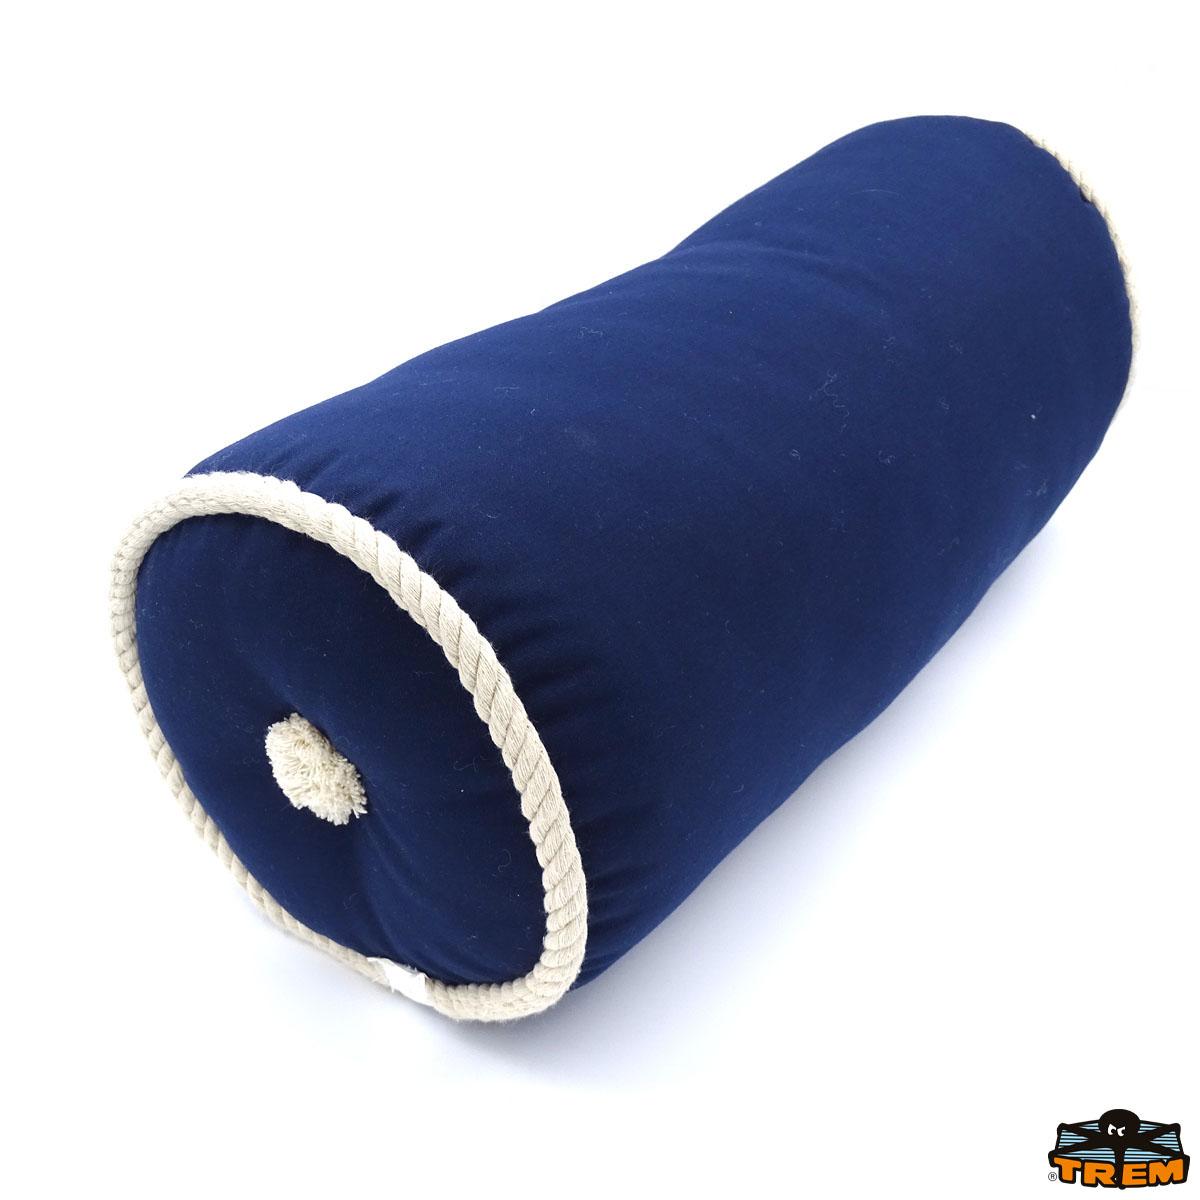 Cuscino in cotone impermeabile rollodimensioni-size mm. 190x440